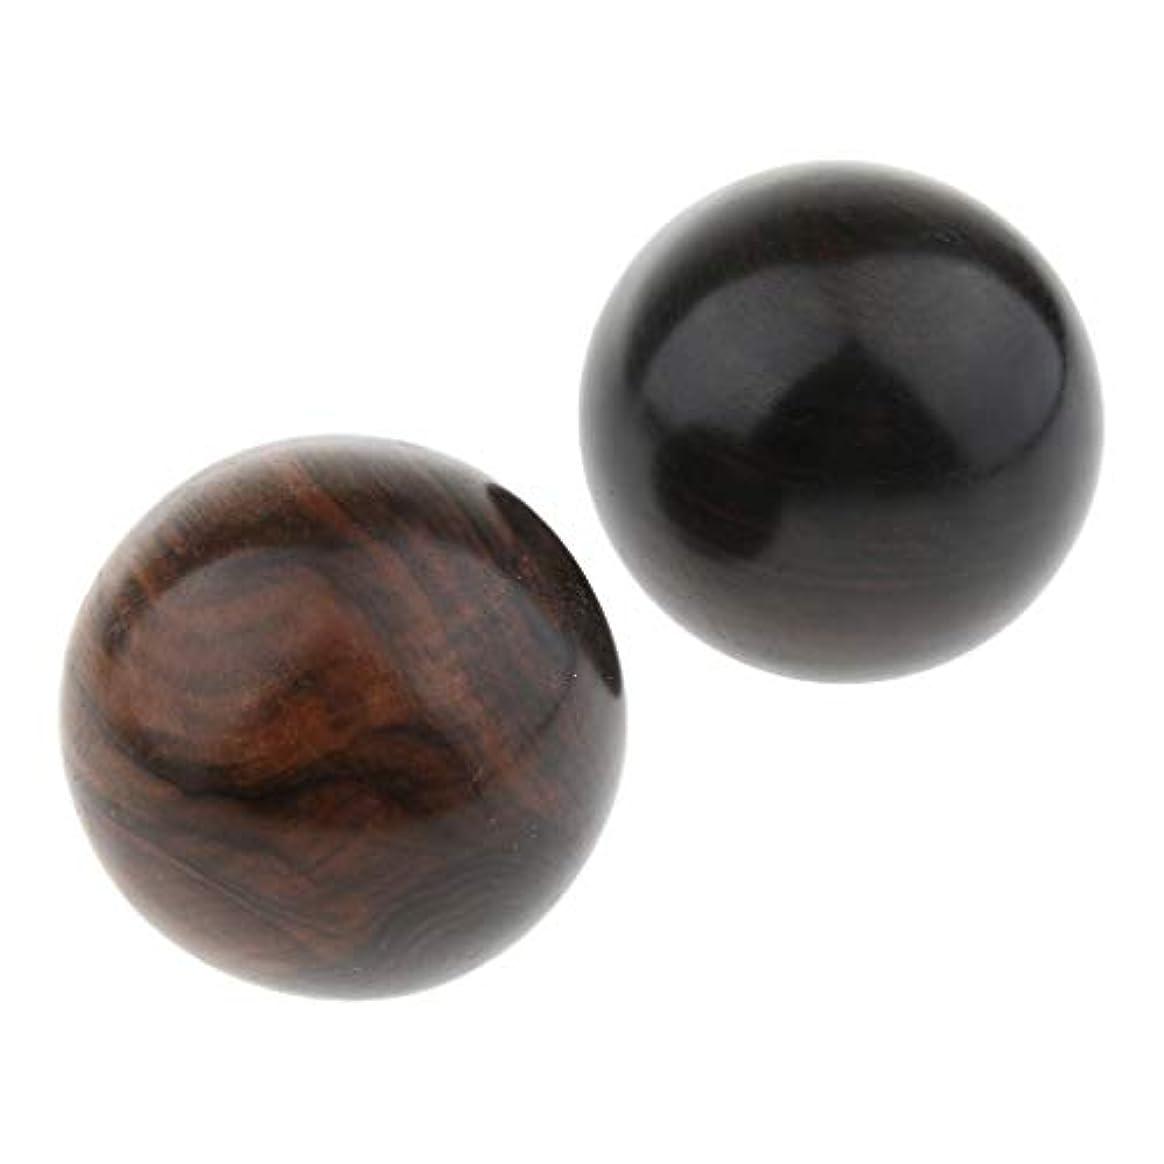 レシピ計器解明dailymall 2個 マッサージボール ハンドボール 木製 マッサージハンドボール トリガーポイント ストレス緩和